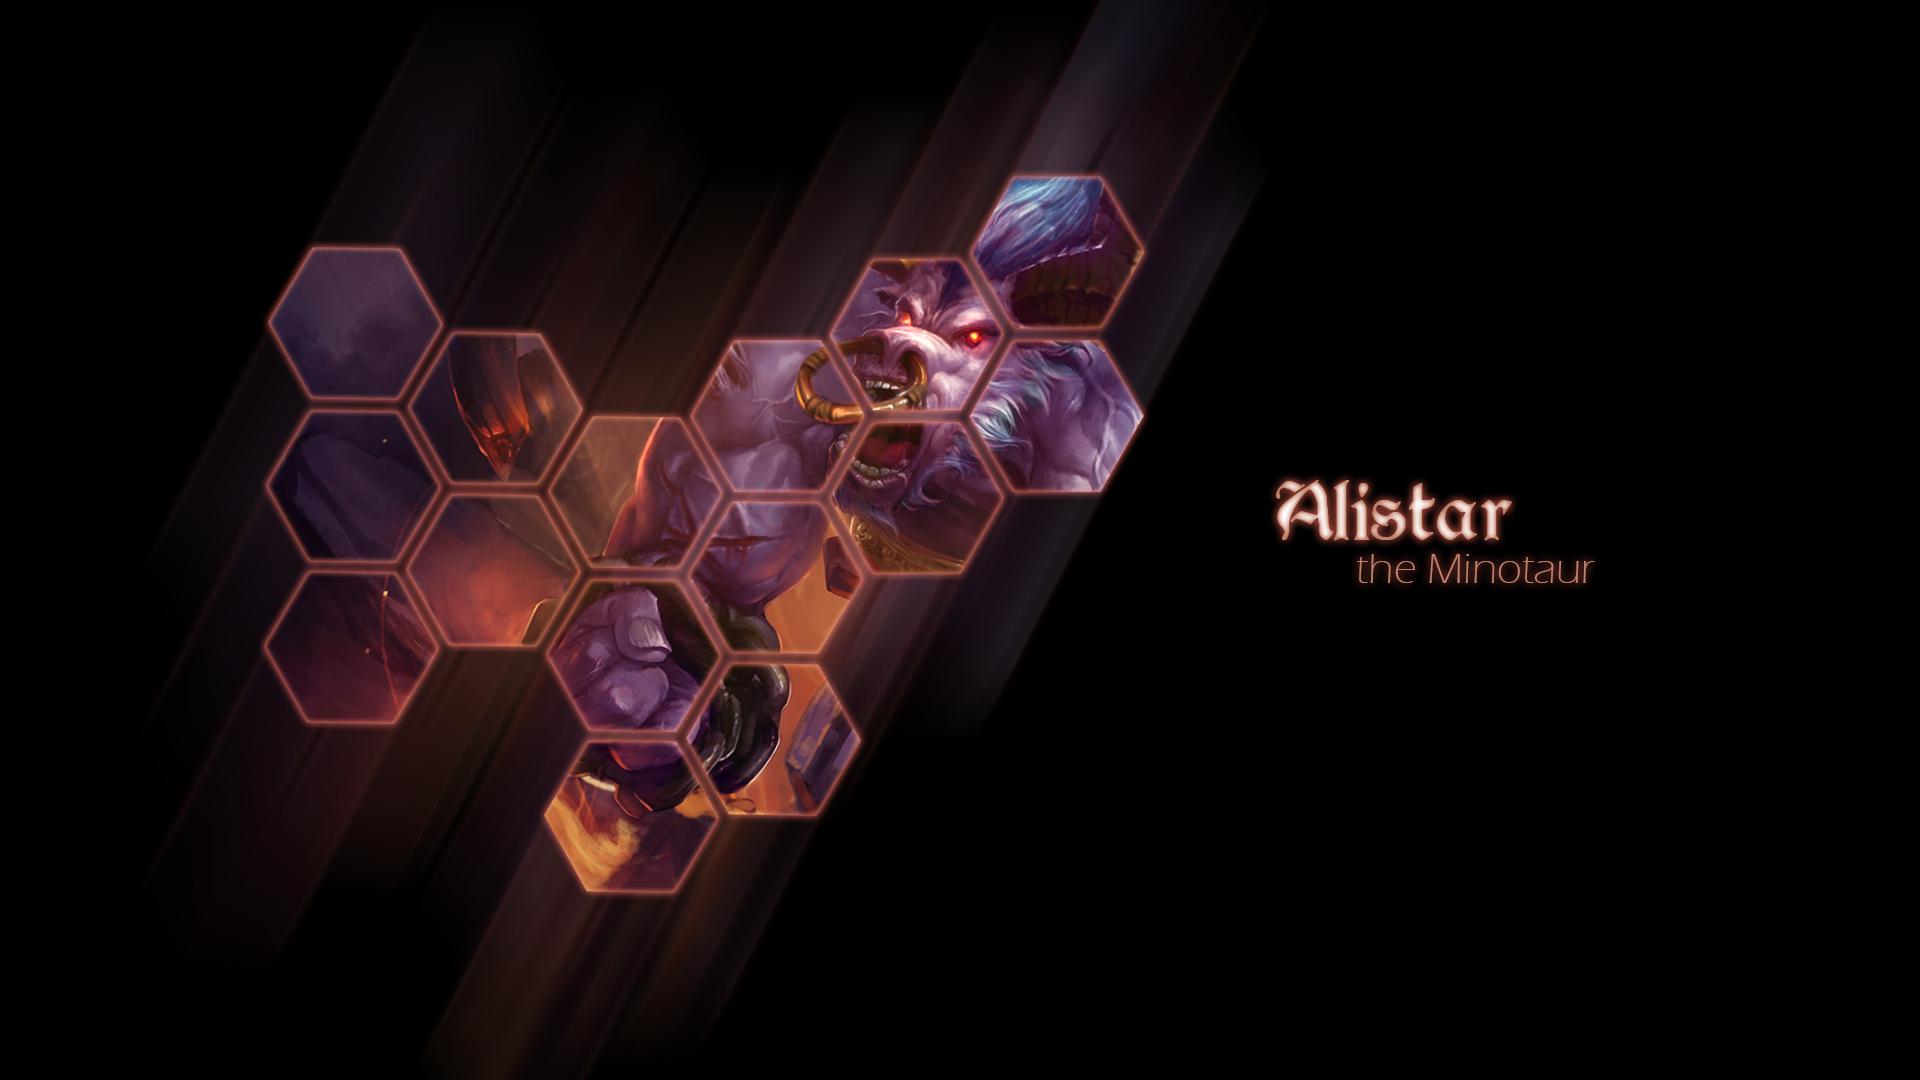 alistar 1920x1080 2t wallpaper hd